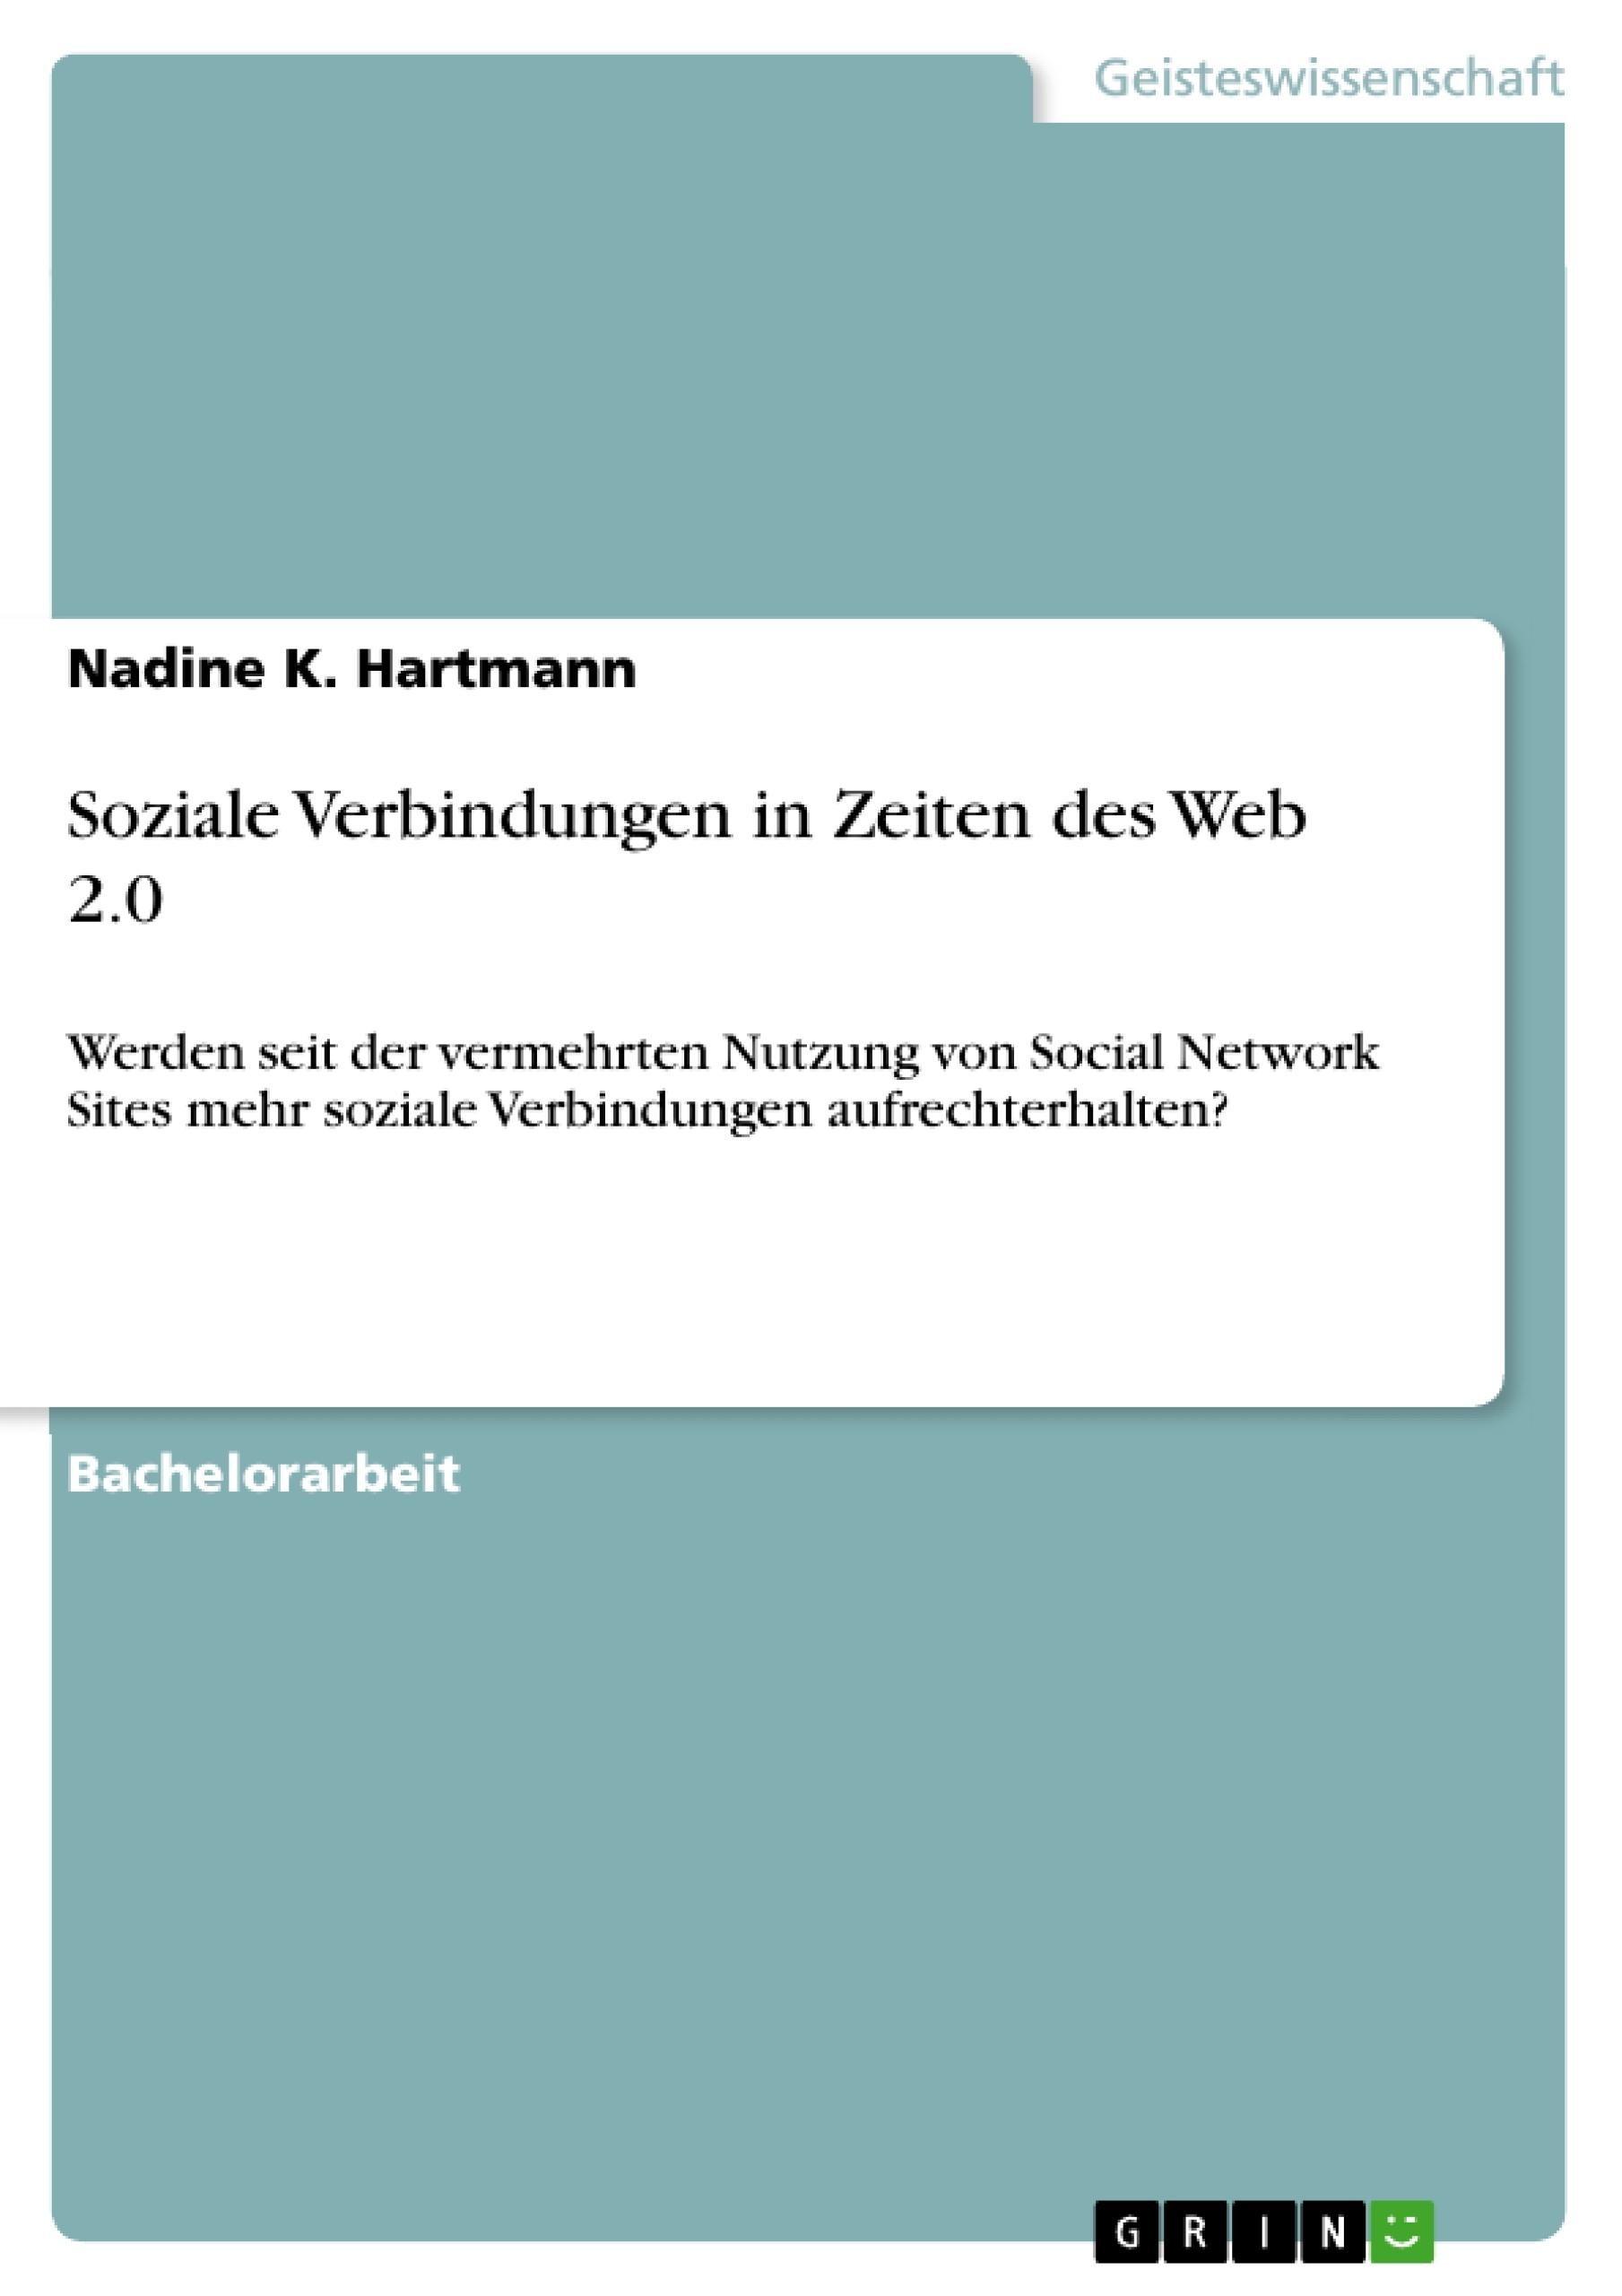 Titel: Soziale Verbindungen in Zeiten des Web 2.0